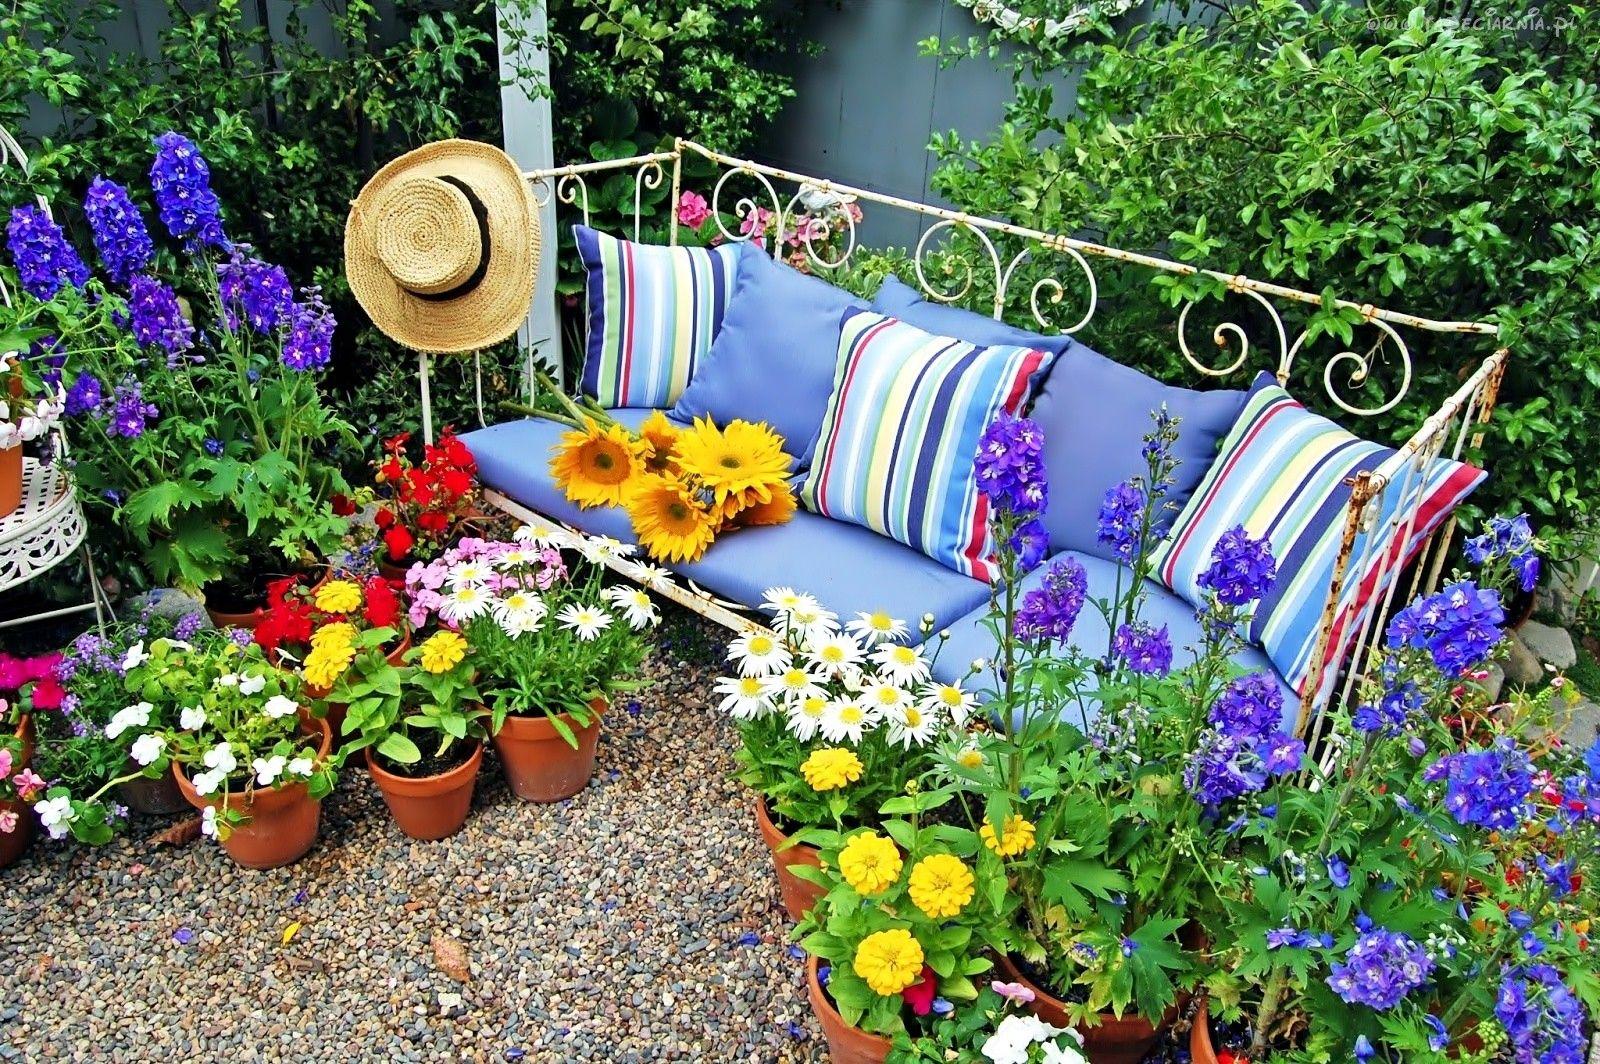 Ogrod Sloneczniki Kolorowe Kwiaty Lawka Poduszki Kapelusz Gardening Design Diy Diy Garden Decor Colorful Garden